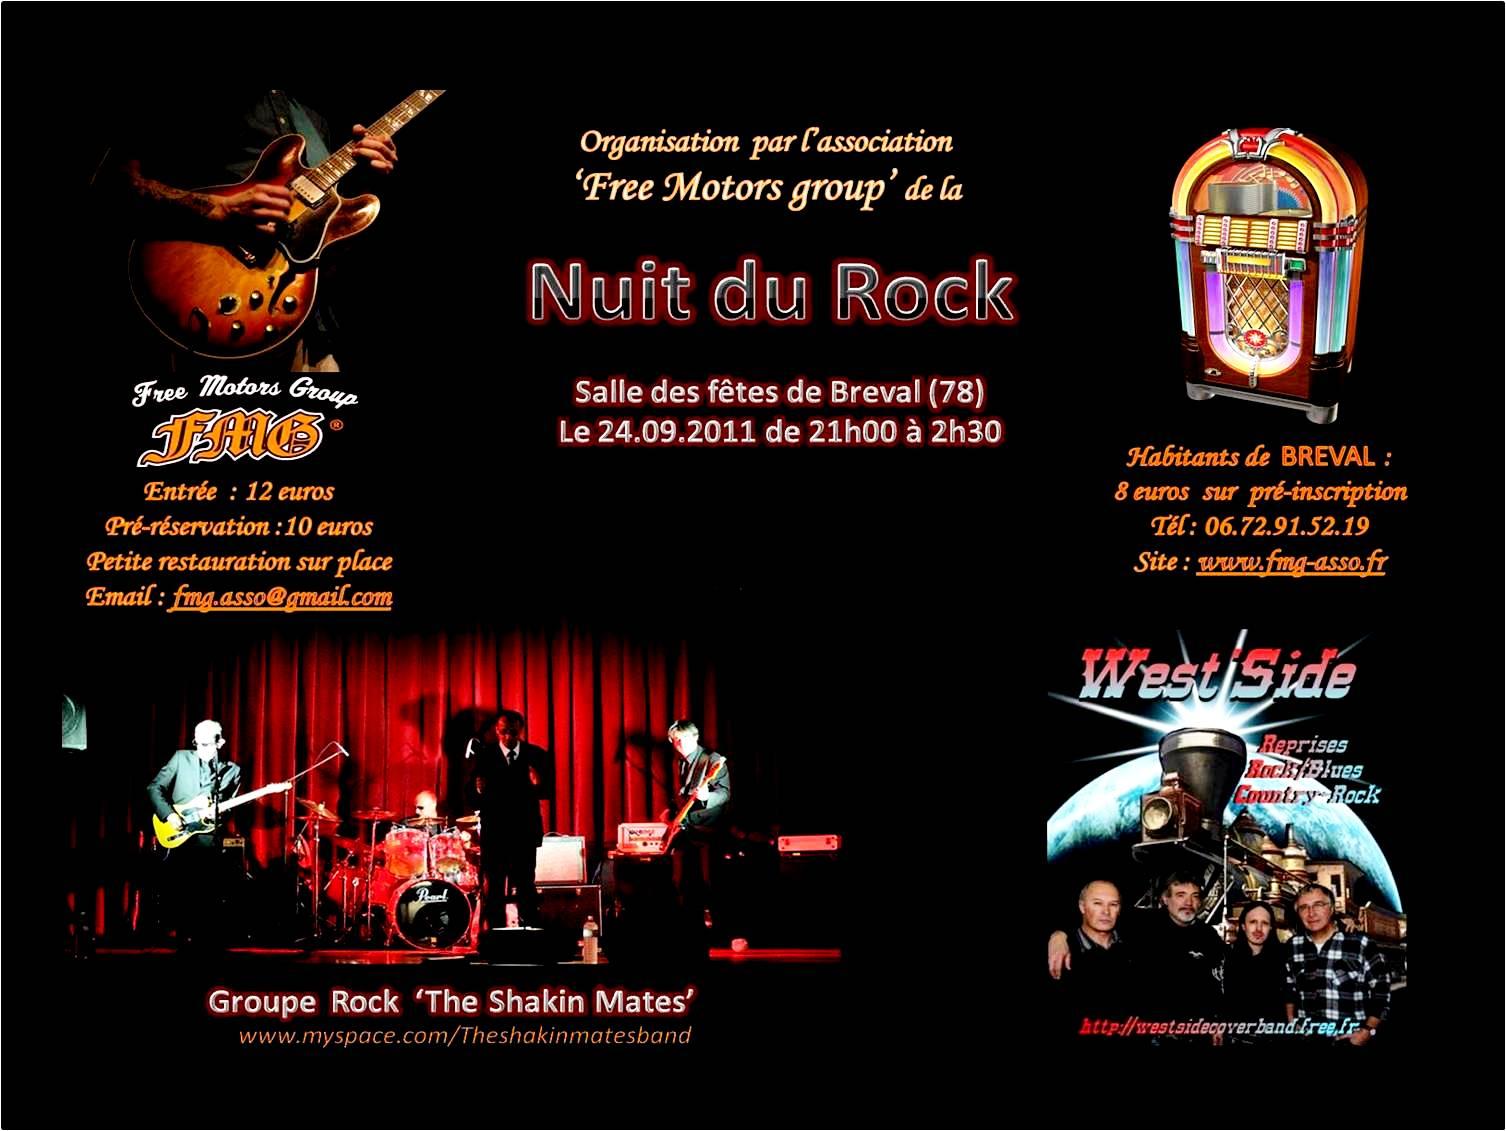 Nuit du rock